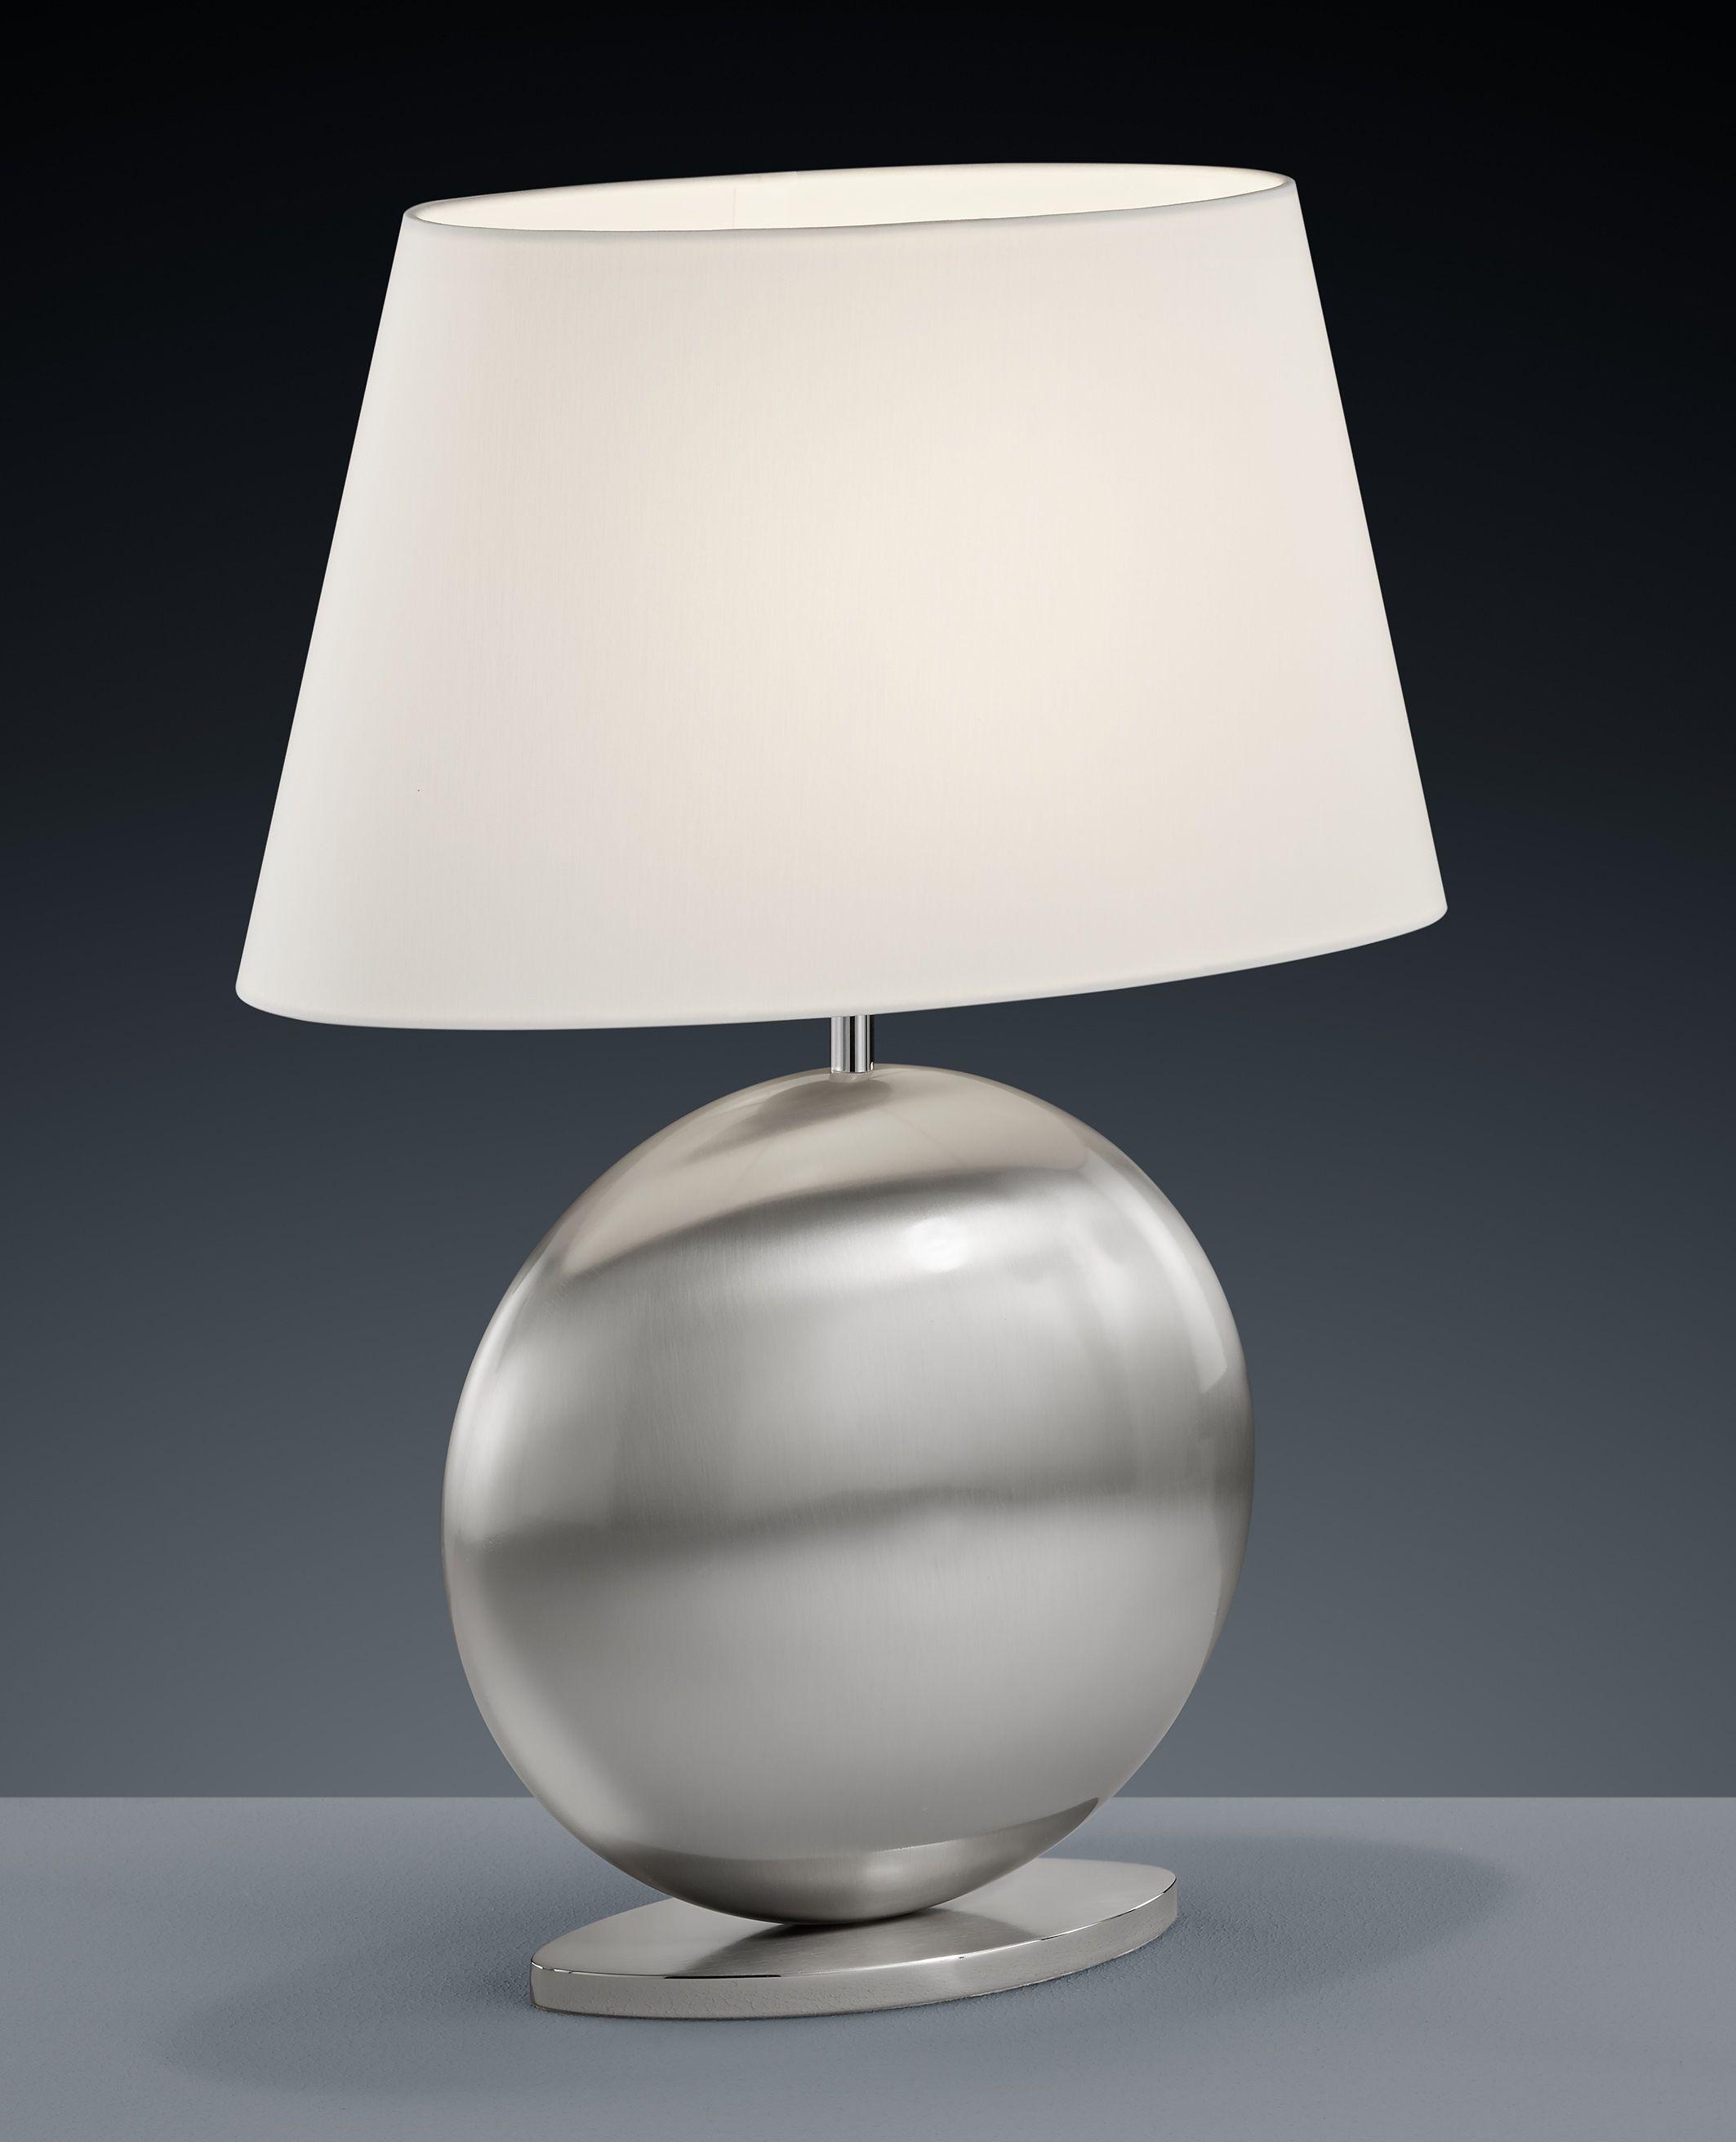 BANKAMP Leuchtenmanufaktur Artikel von BANKAMP Leuchtenmanufaktur Asolo Tischleuchte groß mit Schalter 5947/1-33